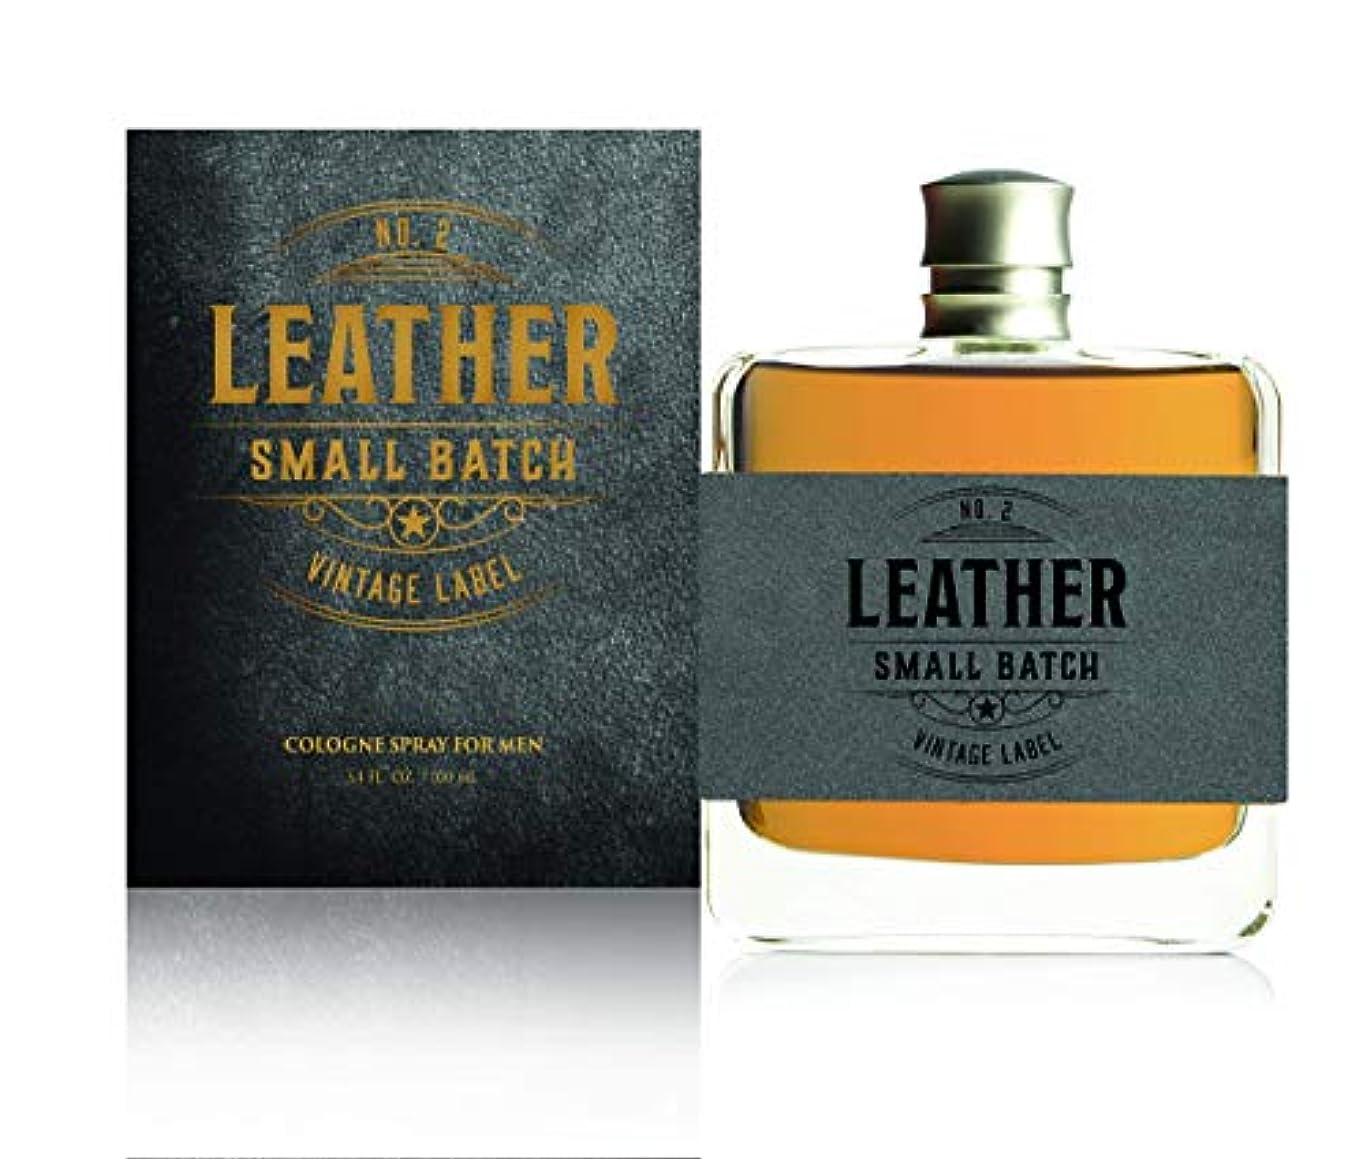 暴力的な壊滅的なグループTru Fragrance & Beauty 男性用レザー第2小ロットヴィンテージはラベル-本格フレグランス香水 - 大胆な男性の香り - ウッディノート - 3.4オズ